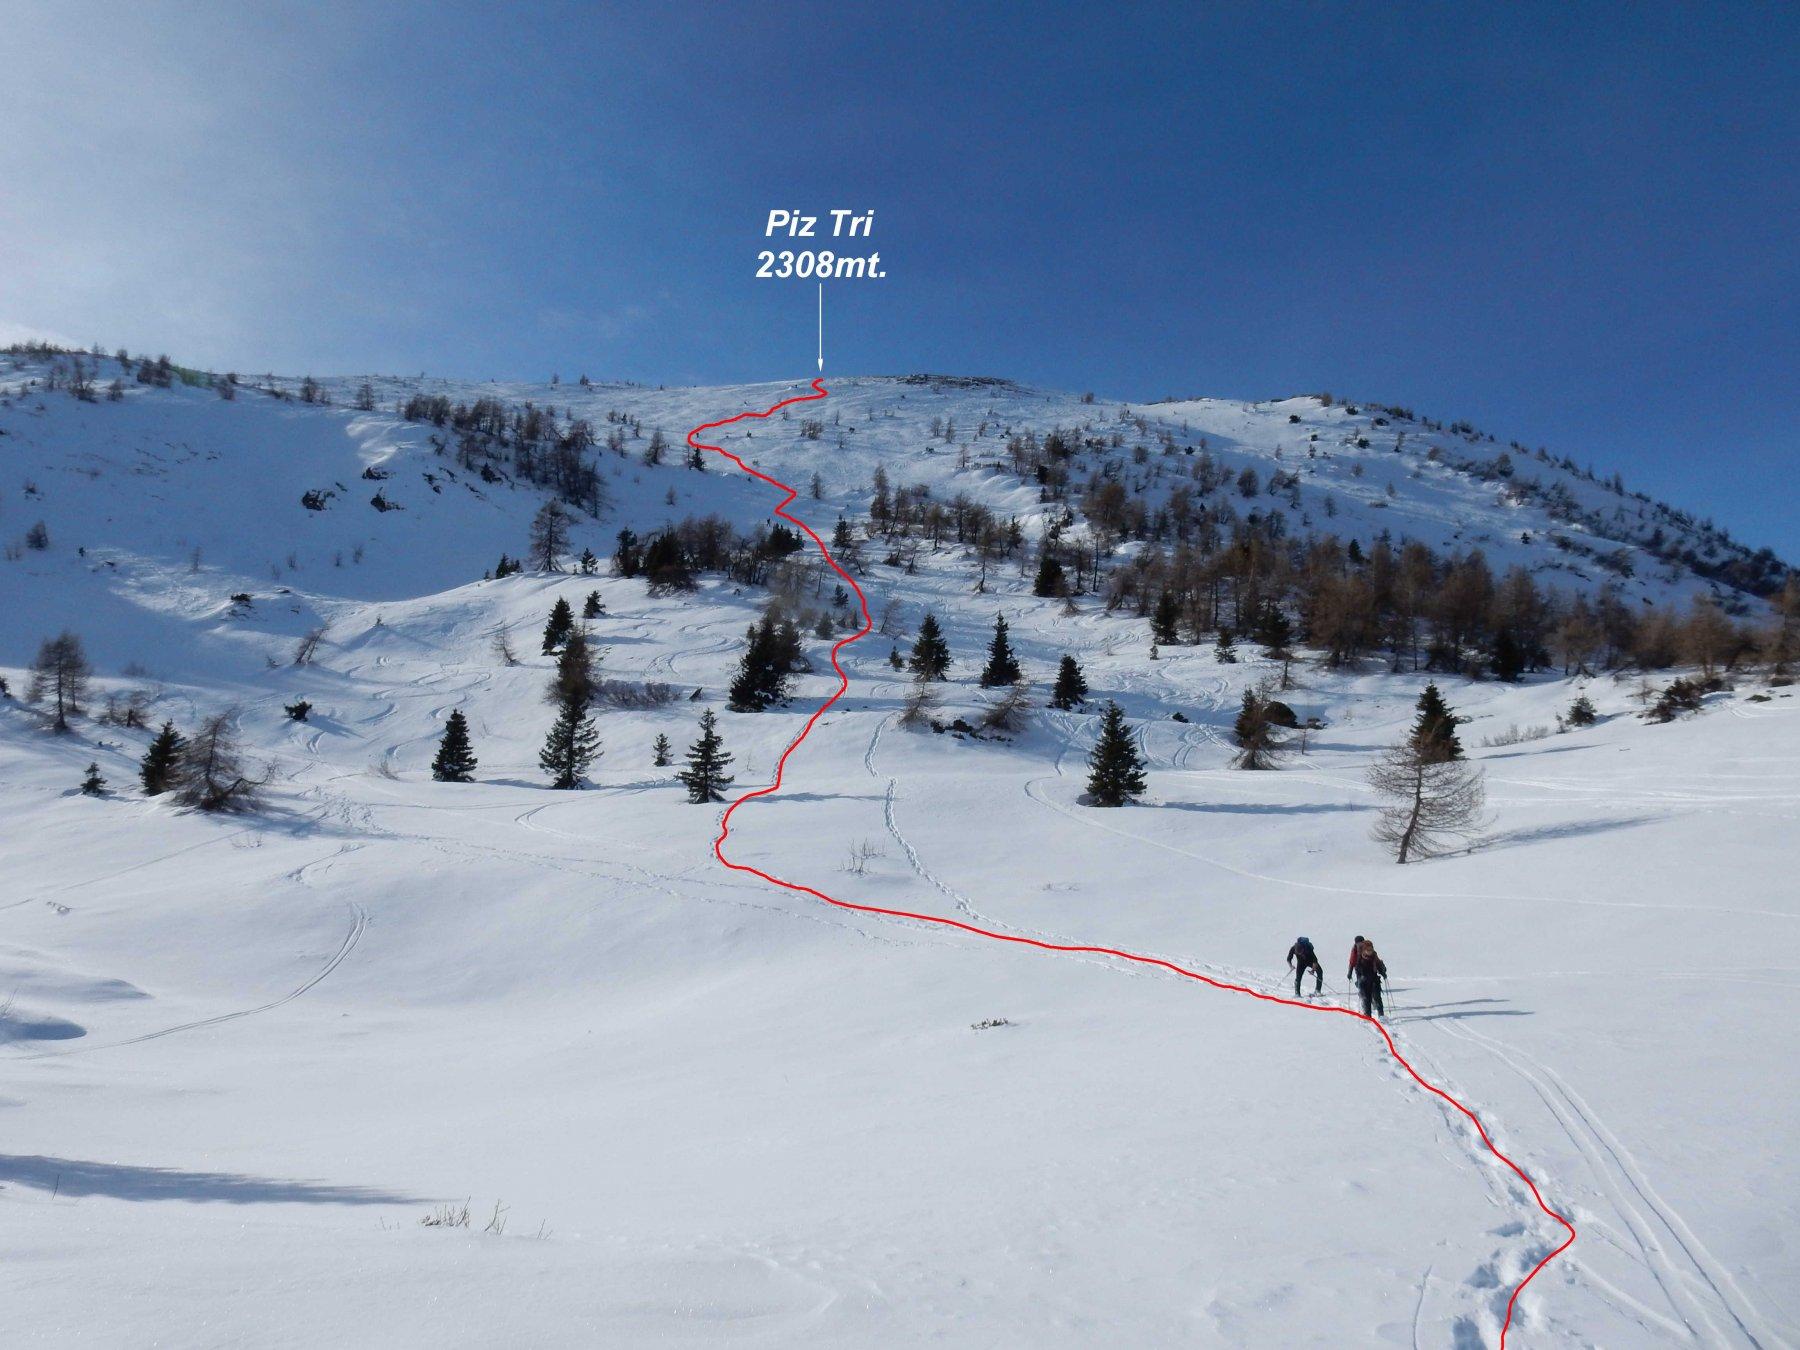 In rosso la traccia che scende diretta sulla pala del Piz Tri. Max.35°